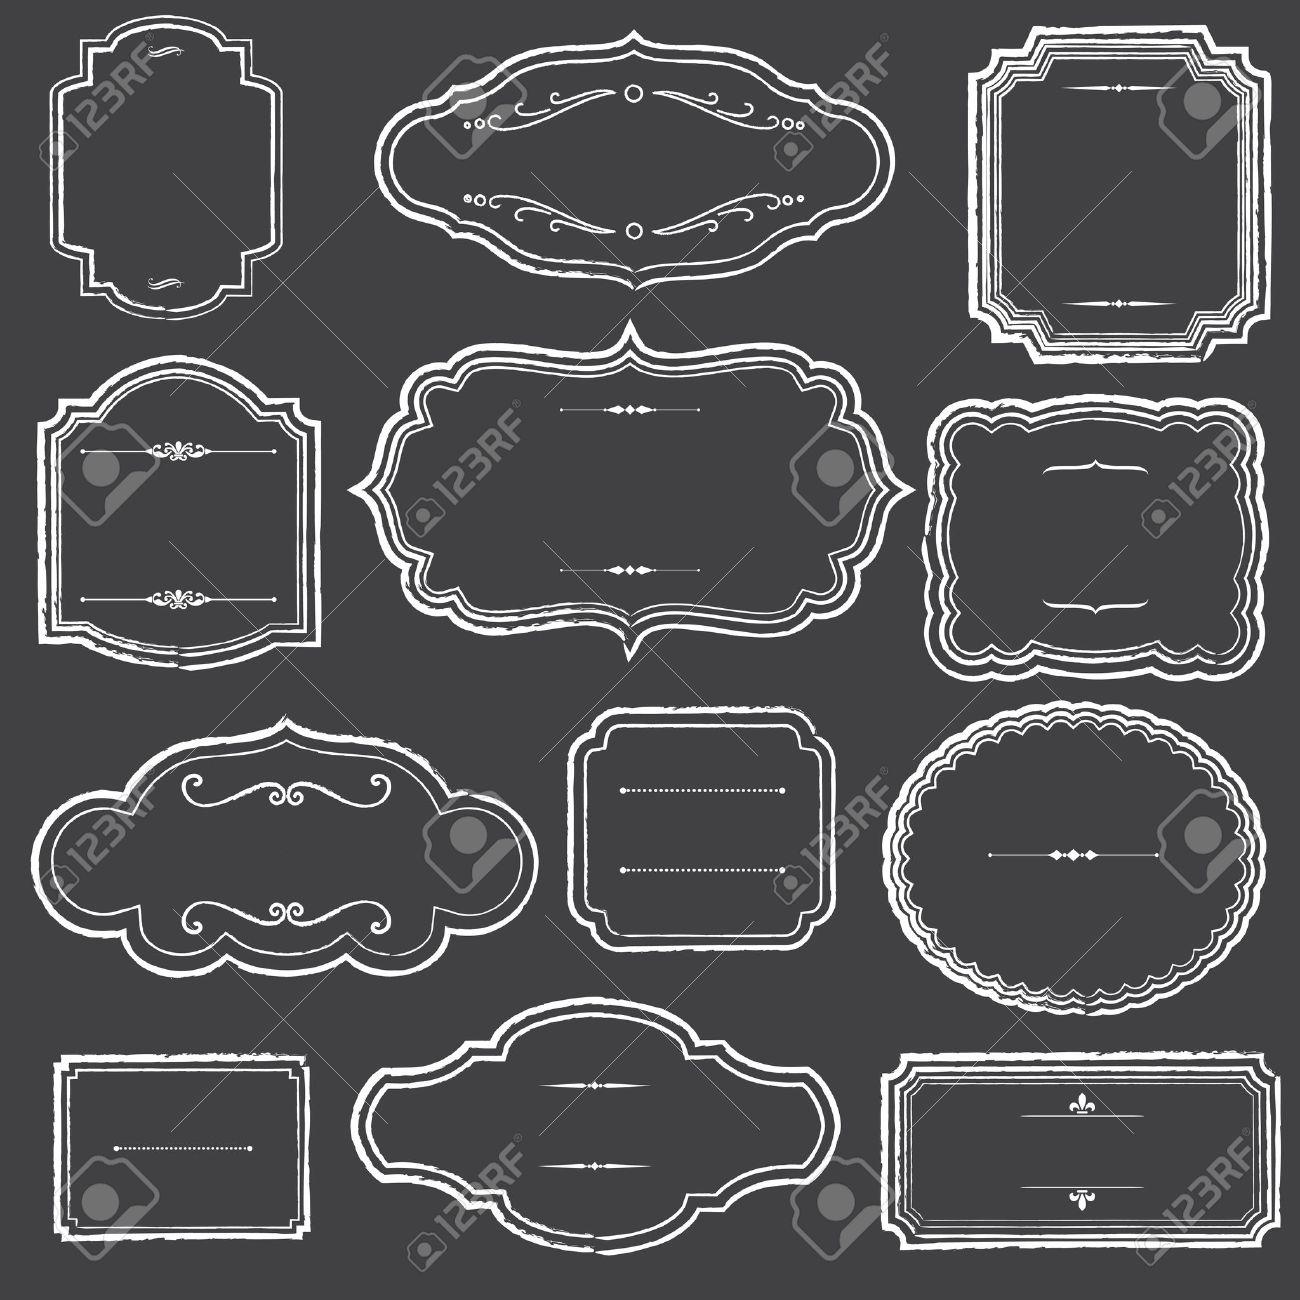 banco de imagens quadro frames e ornamentos conjunto de quadro de giz e etiqueta formas